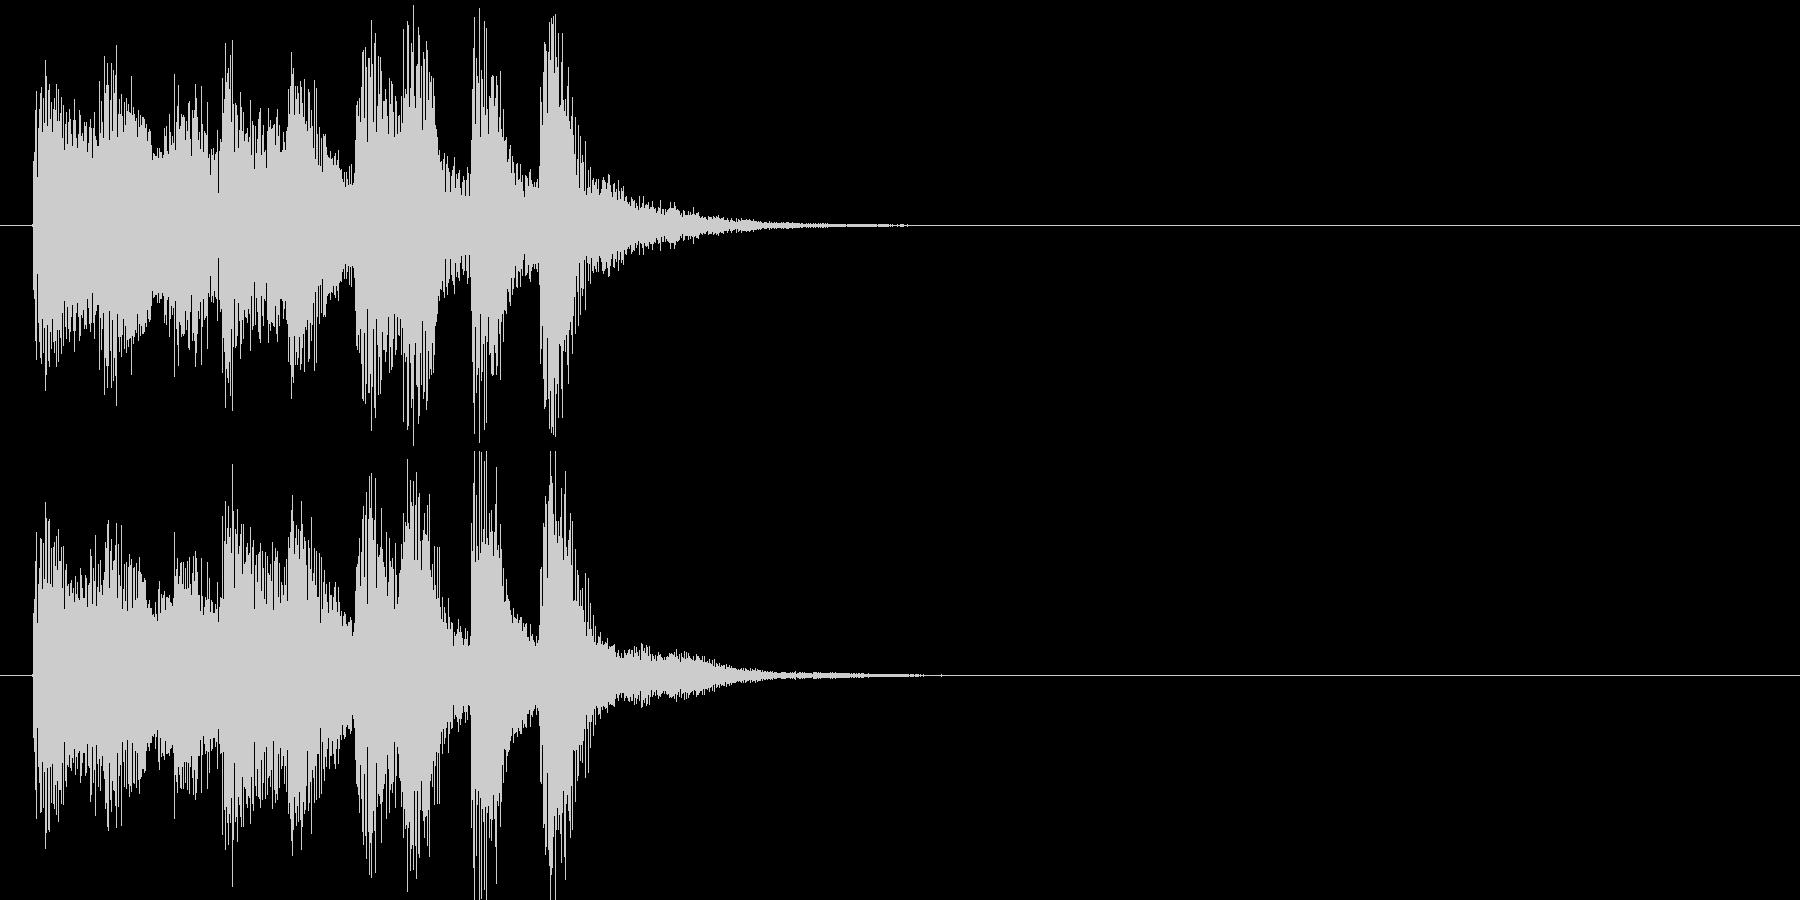 場面転換 クイズ さわやか いきいきの未再生の波形